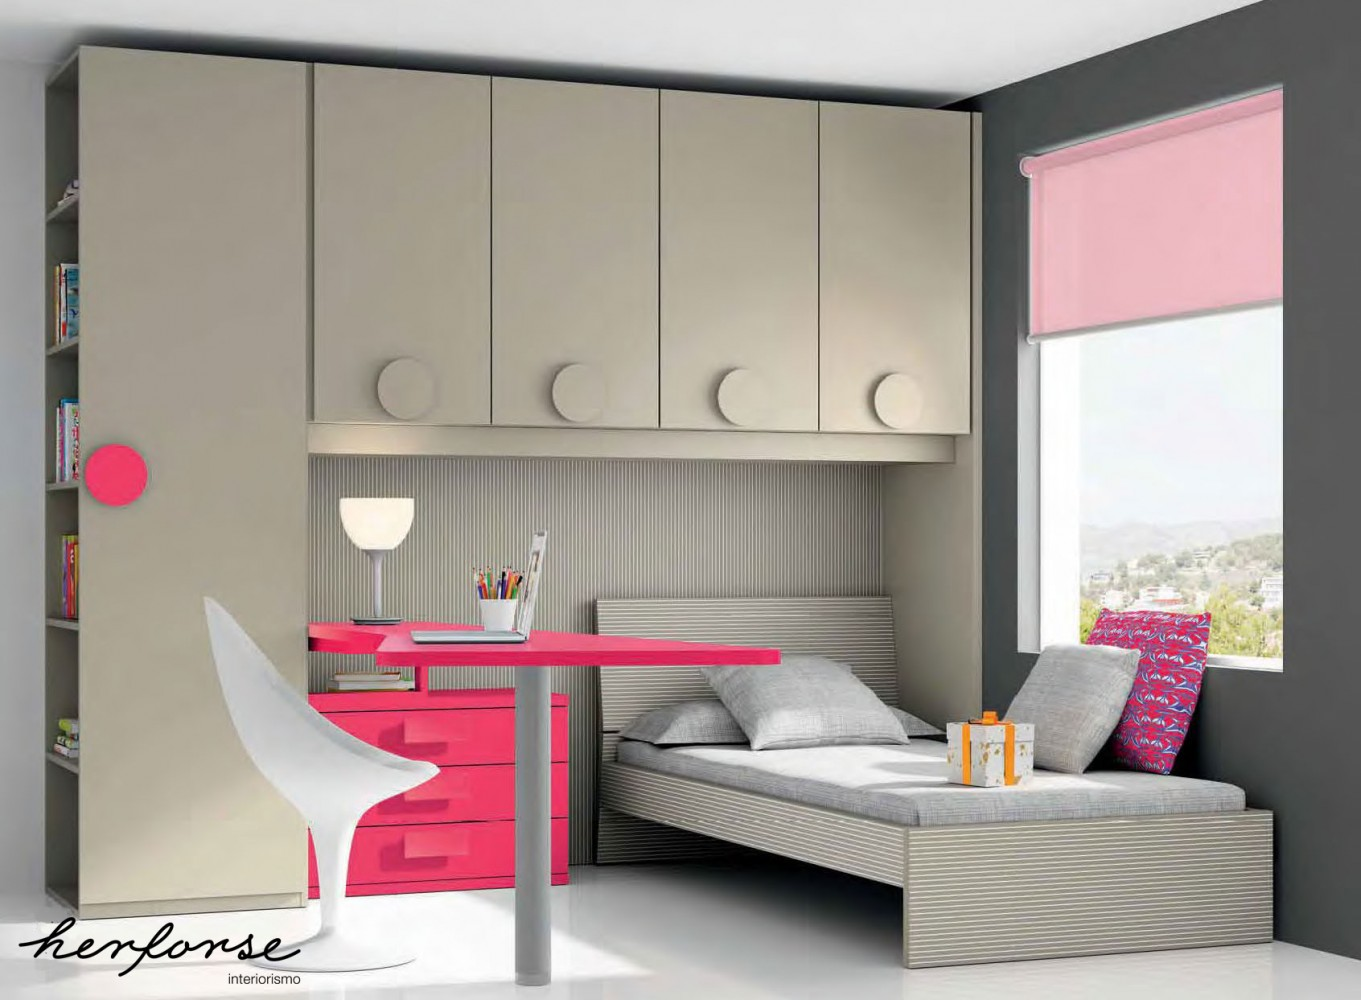 Cabezales y camas juveniles herforseinteriorismo - Cortinas habitaciones juveniles ...